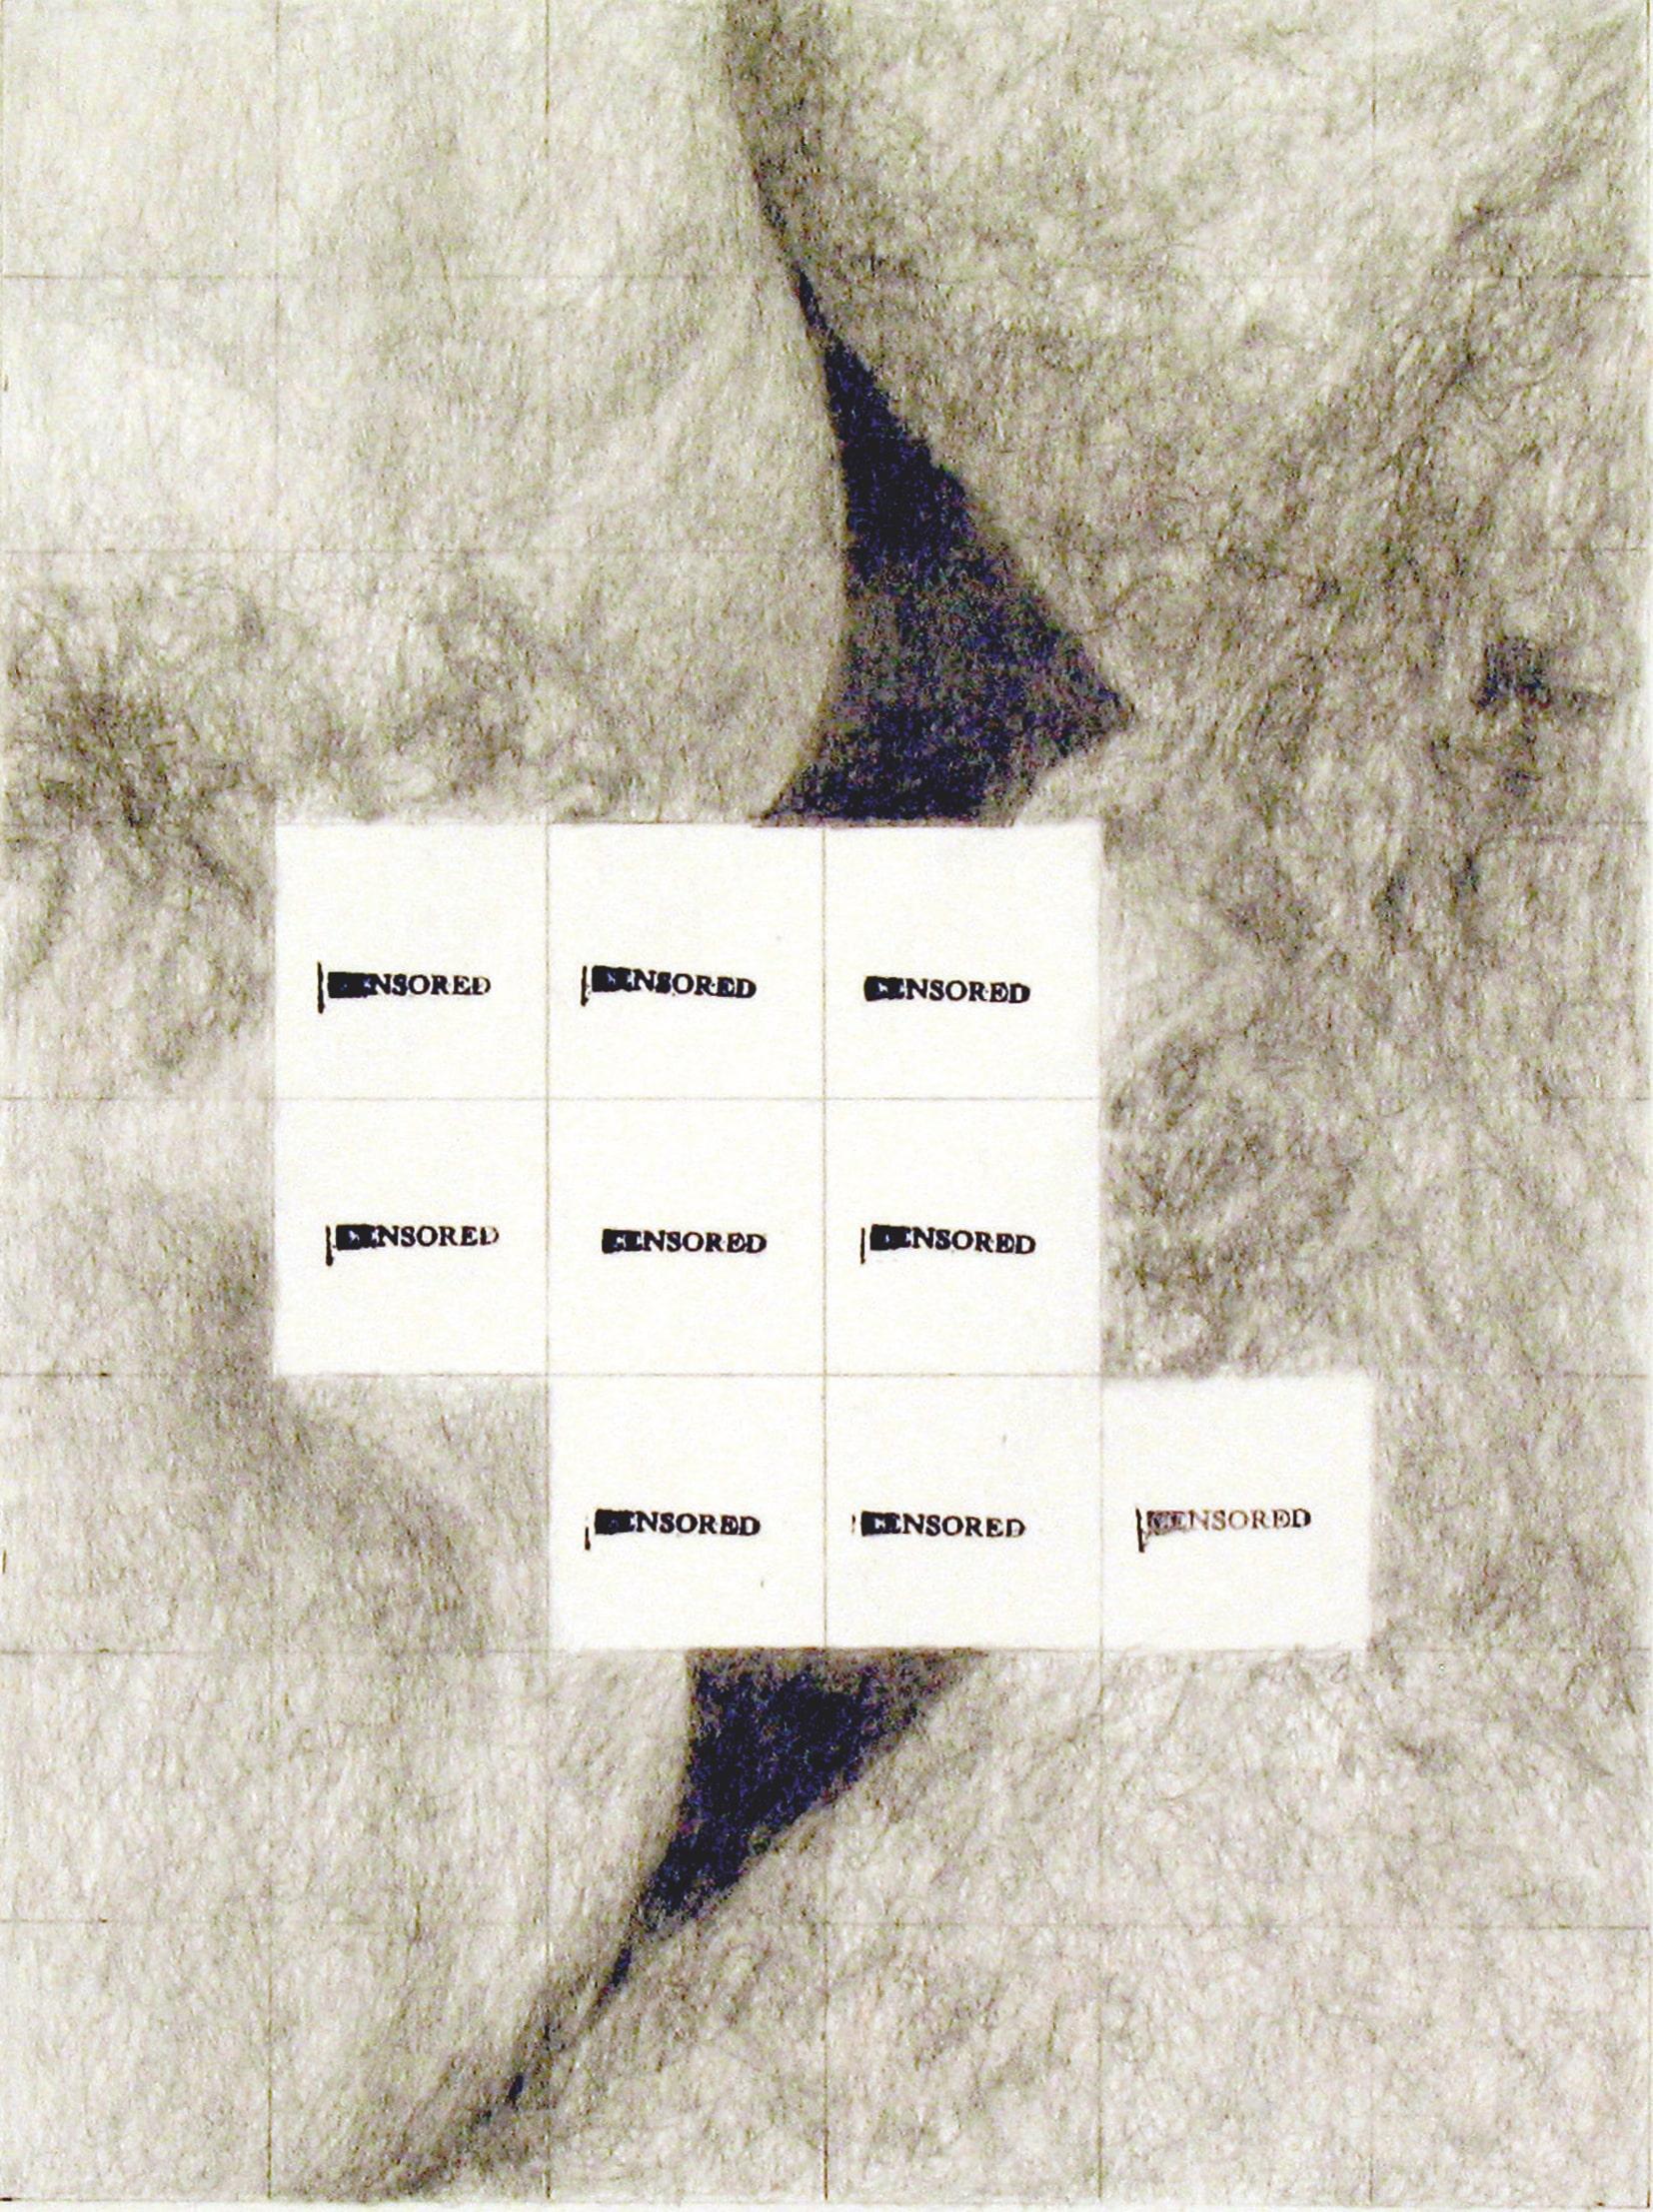 Censored Grid #10 (2008), crayon et encre sur papier. 43 × 36 cm. Courtesy of Betty Tompkins.